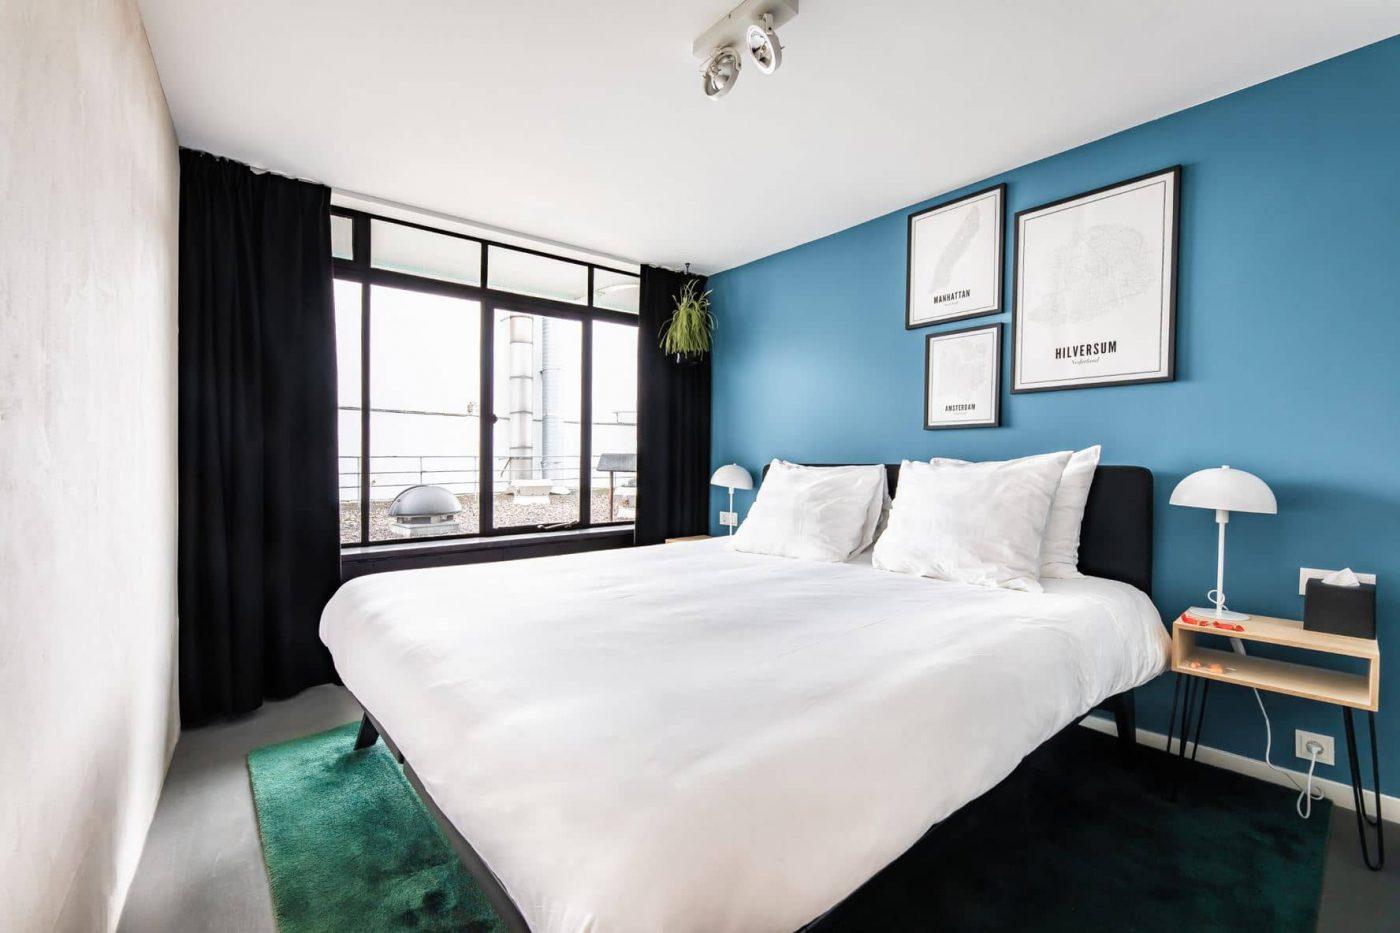 Comfortkamer met blauwe wand